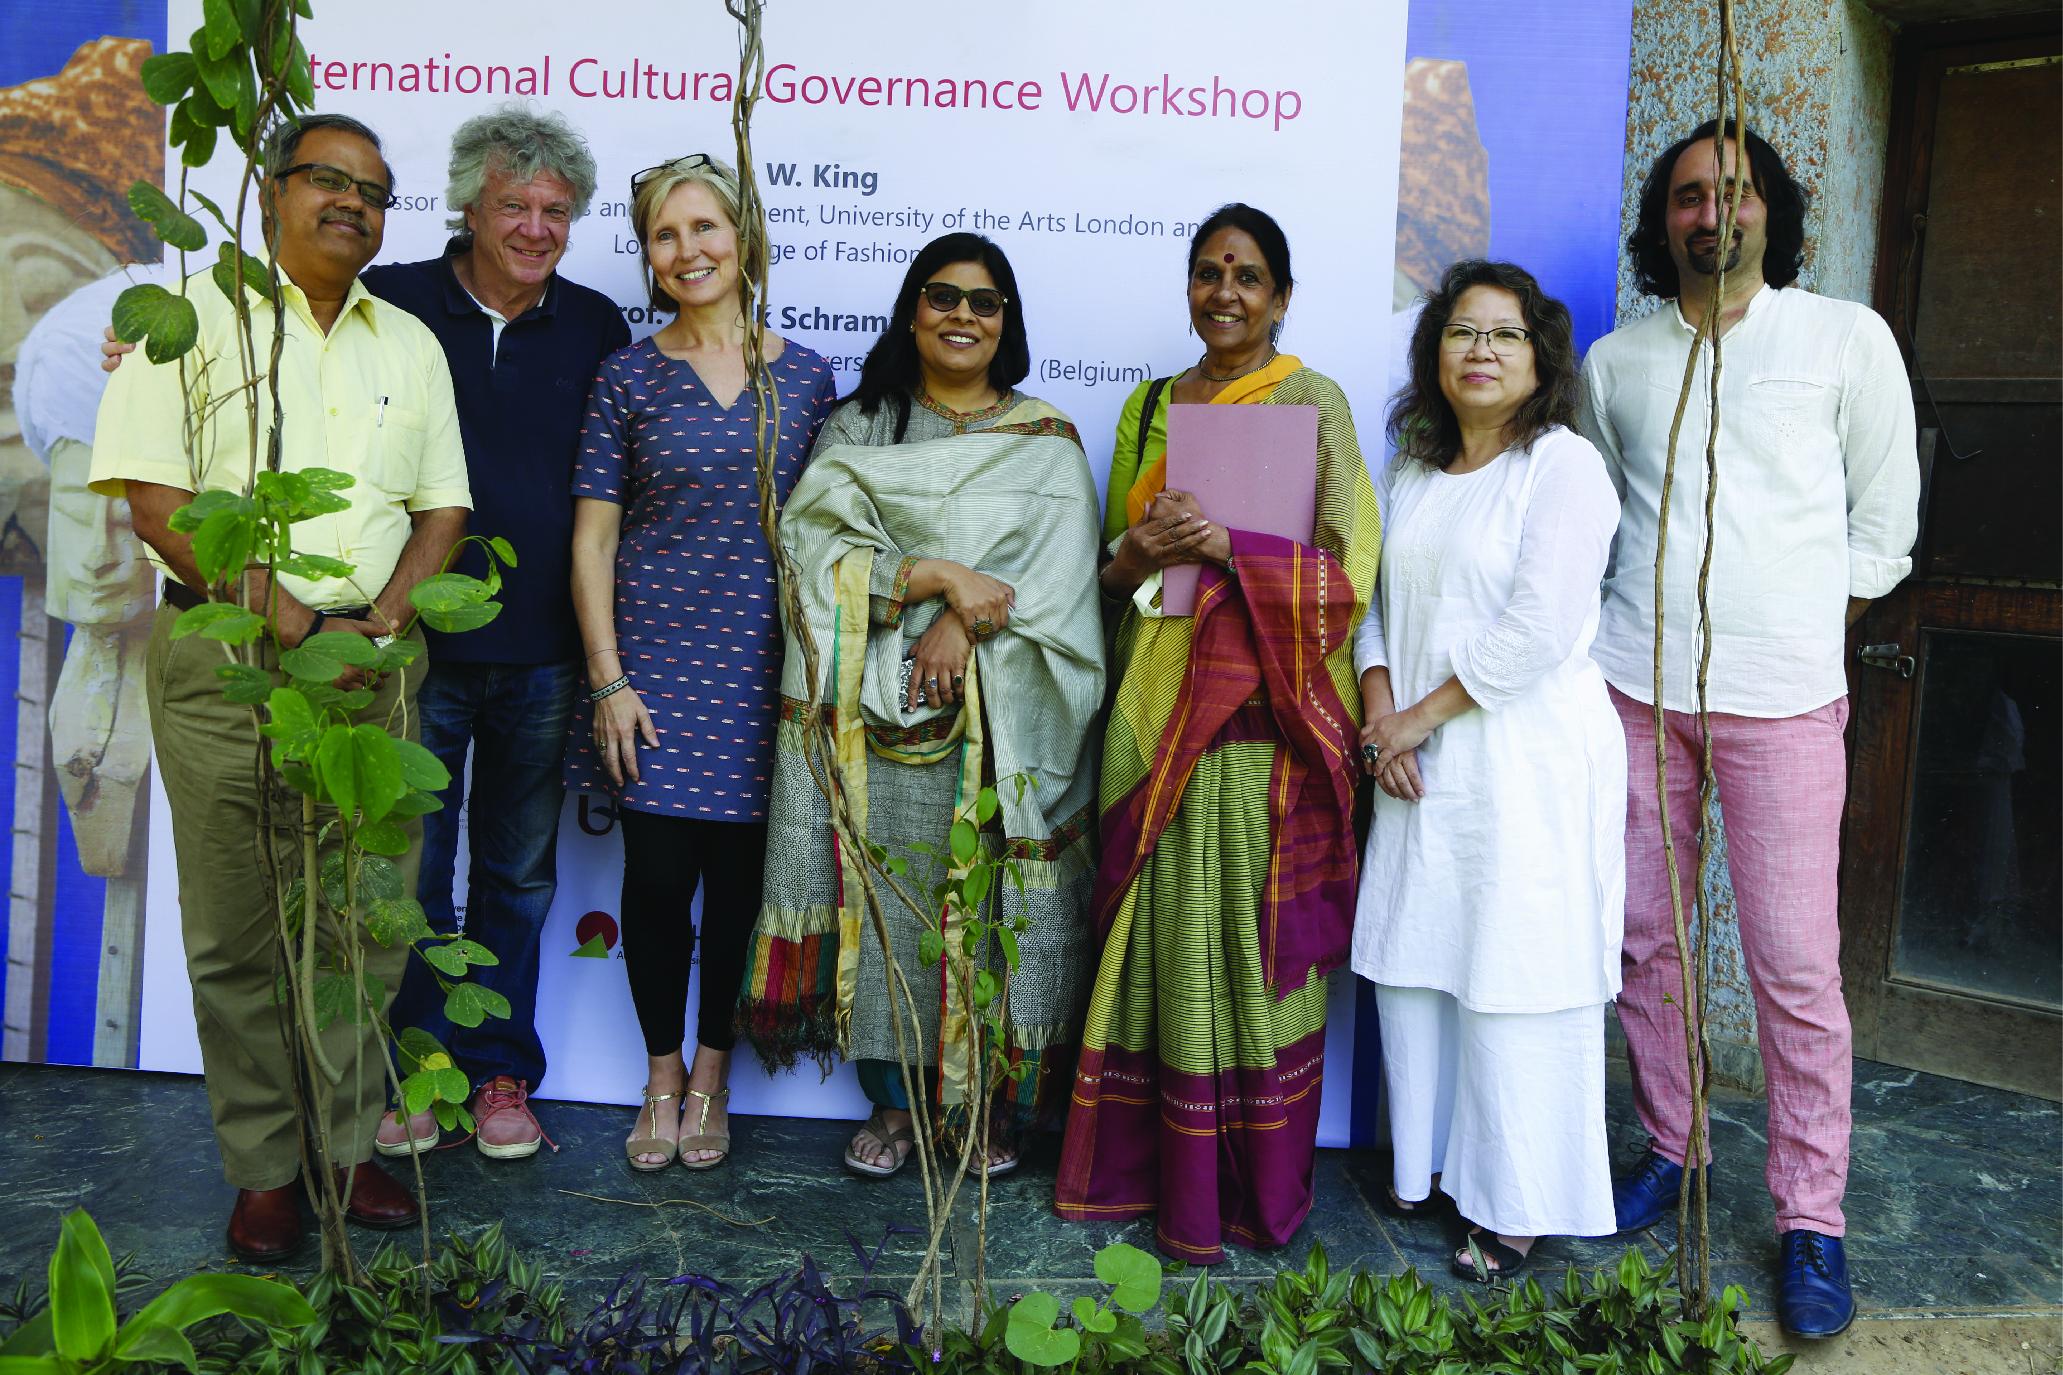 International Cultural Governance workshop in Delhi